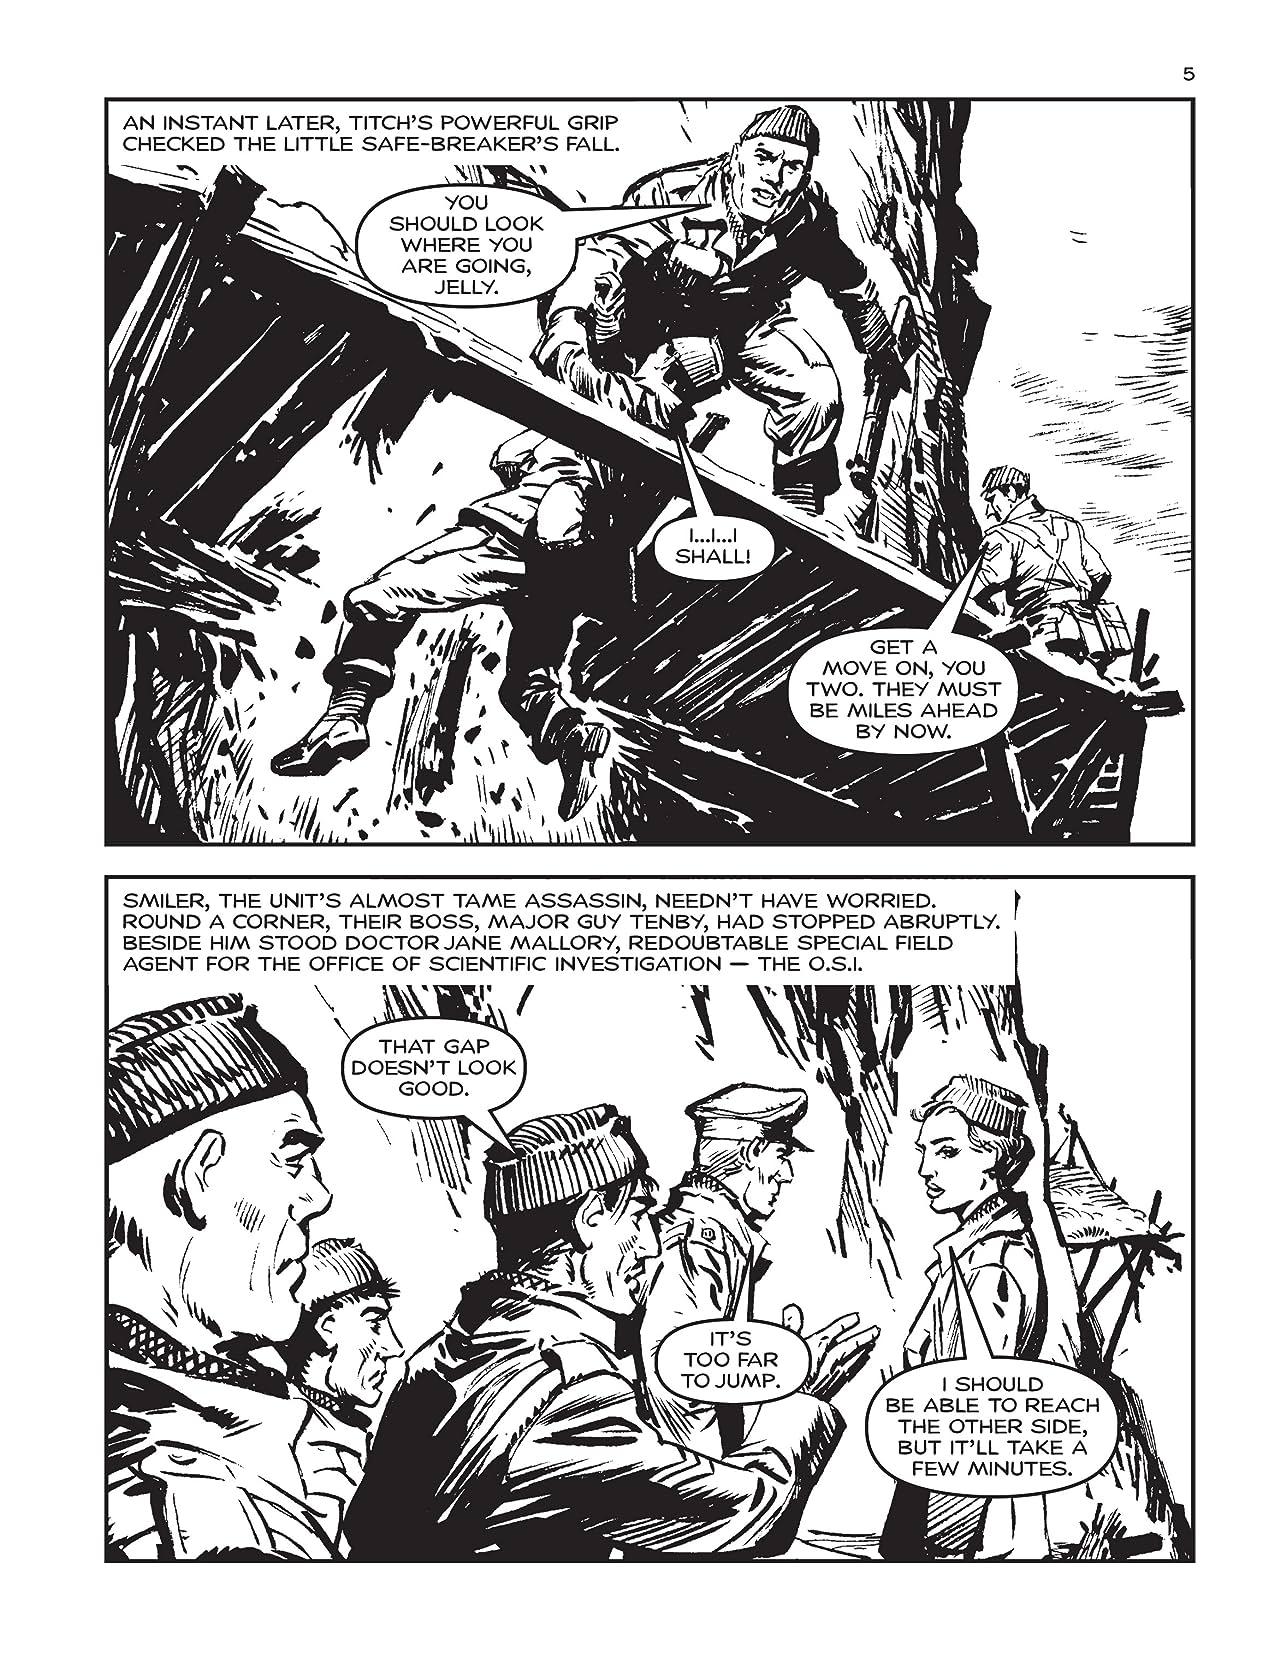 Commando #4819: Convict Commandos: Brilliant Death